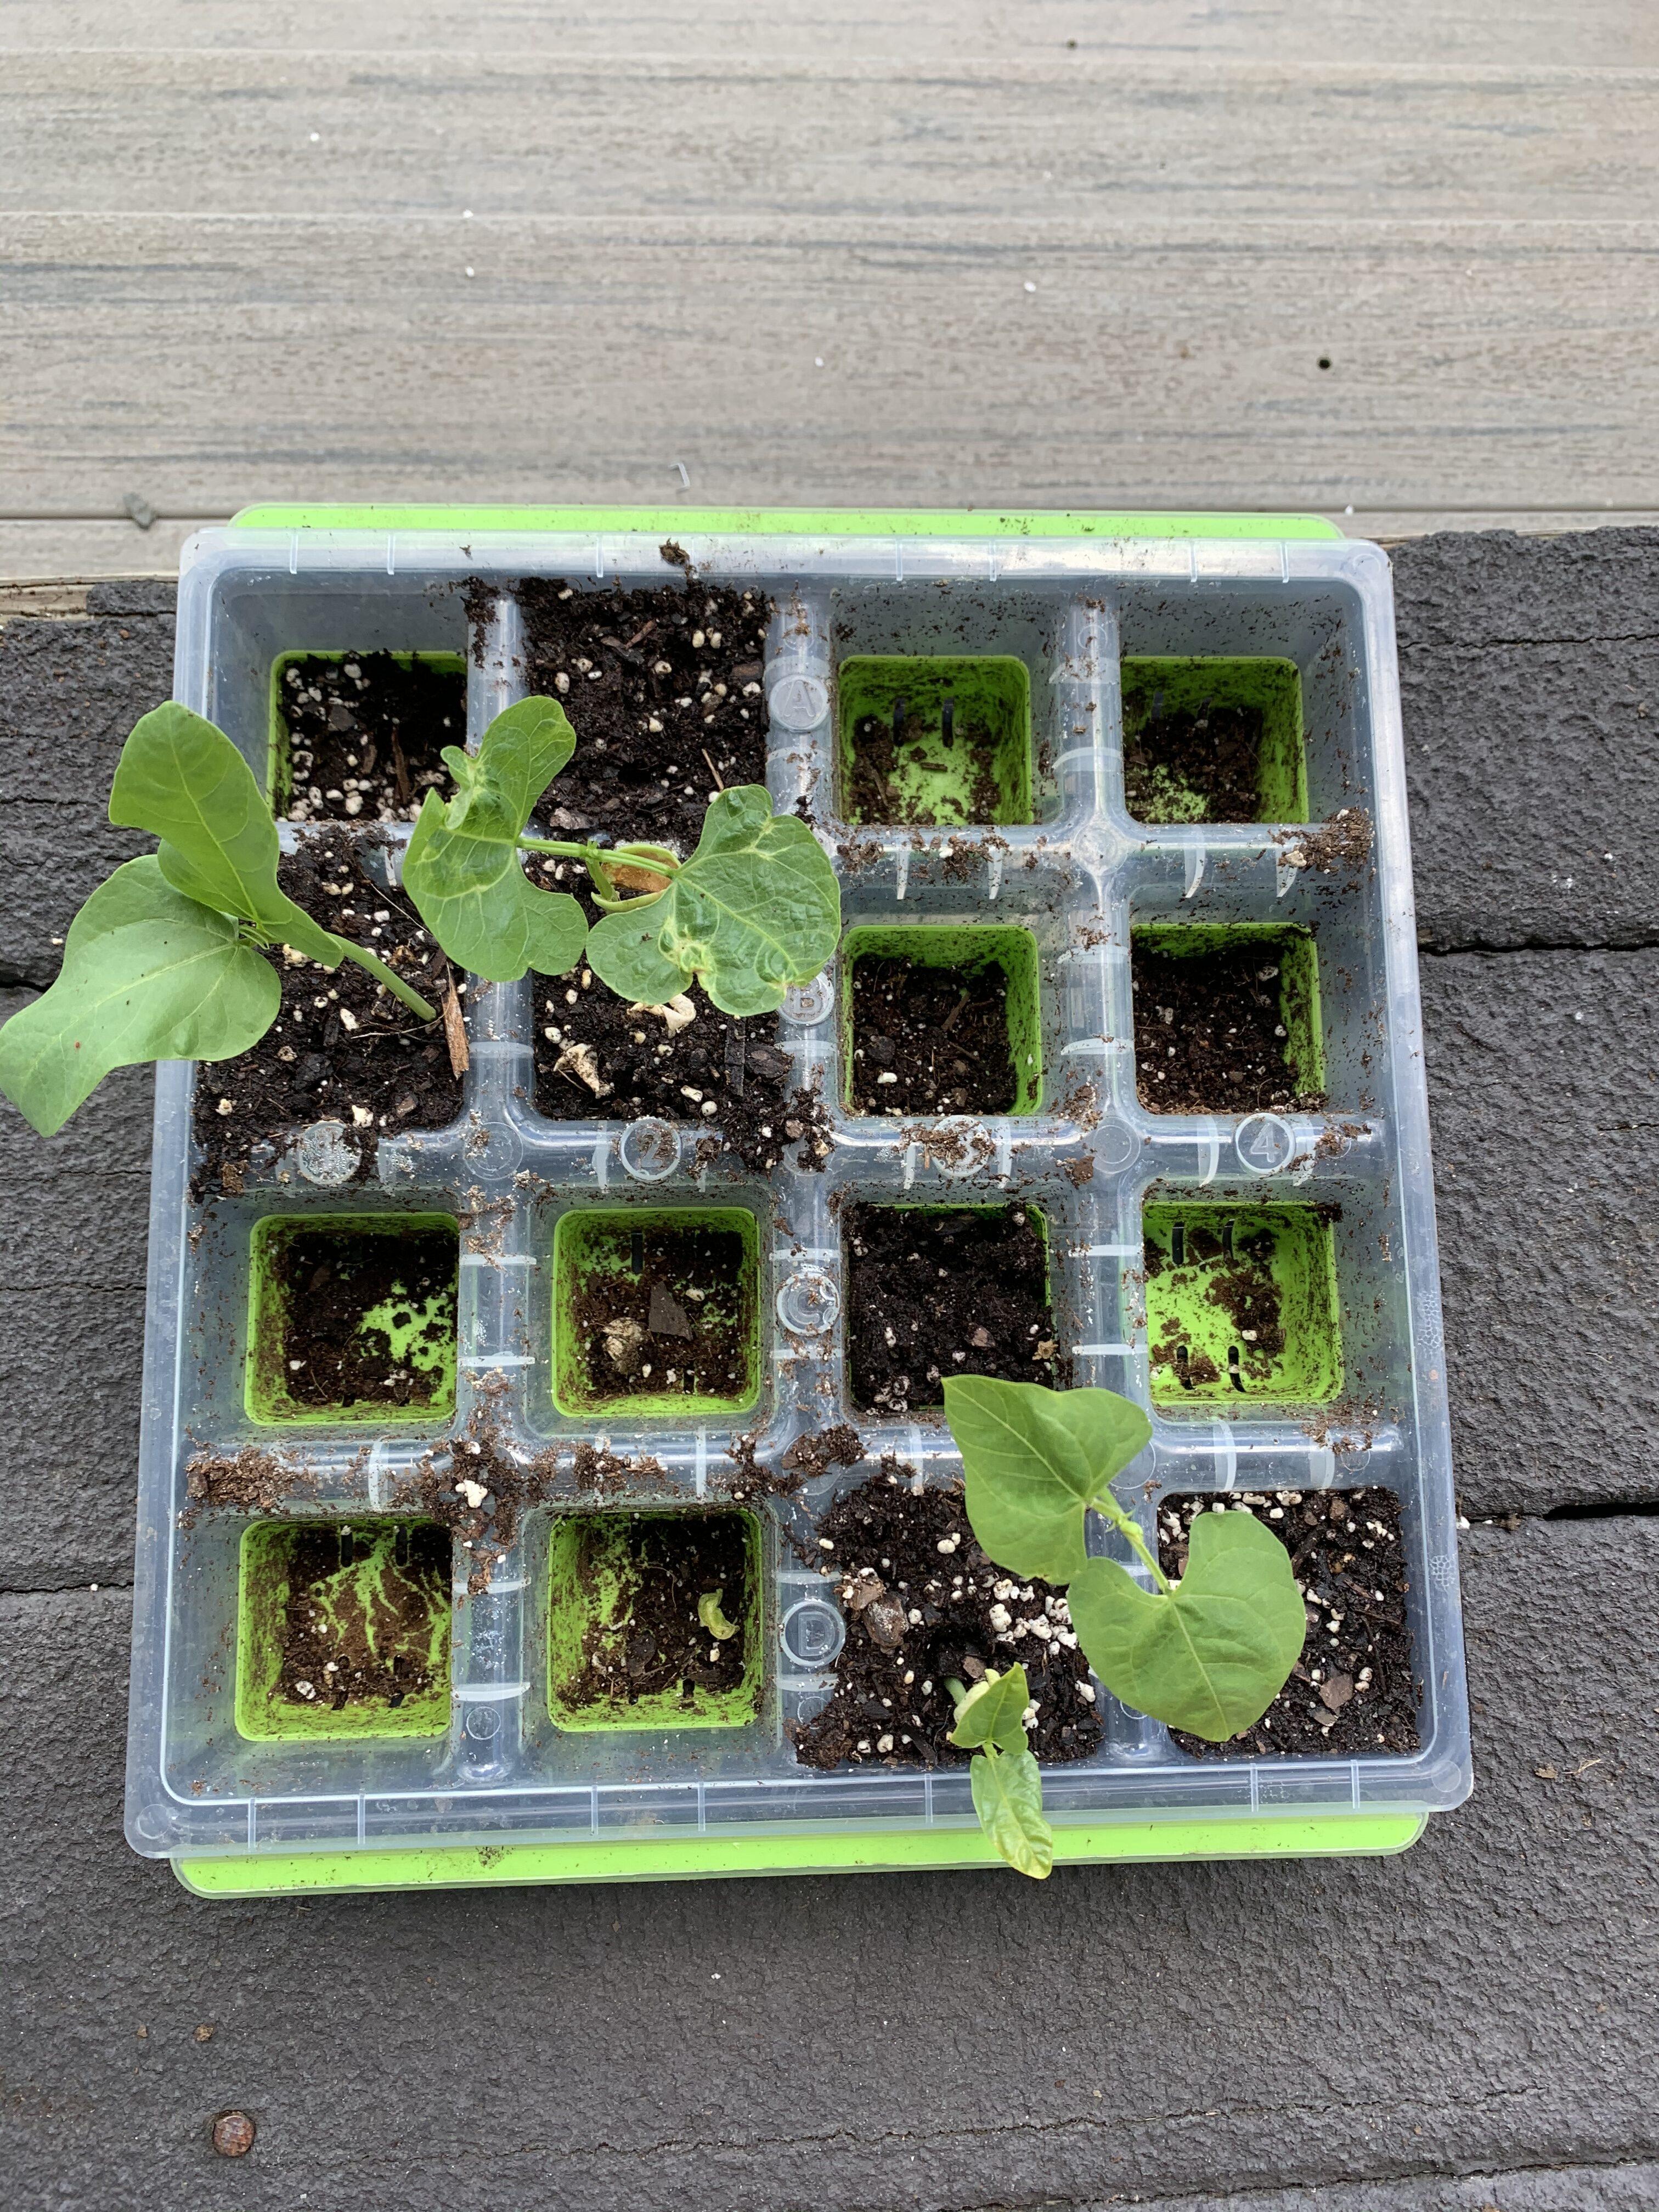 9285D3E0 0A52 4407 B05A 9A2C4FD8454F Cucumbers planted!